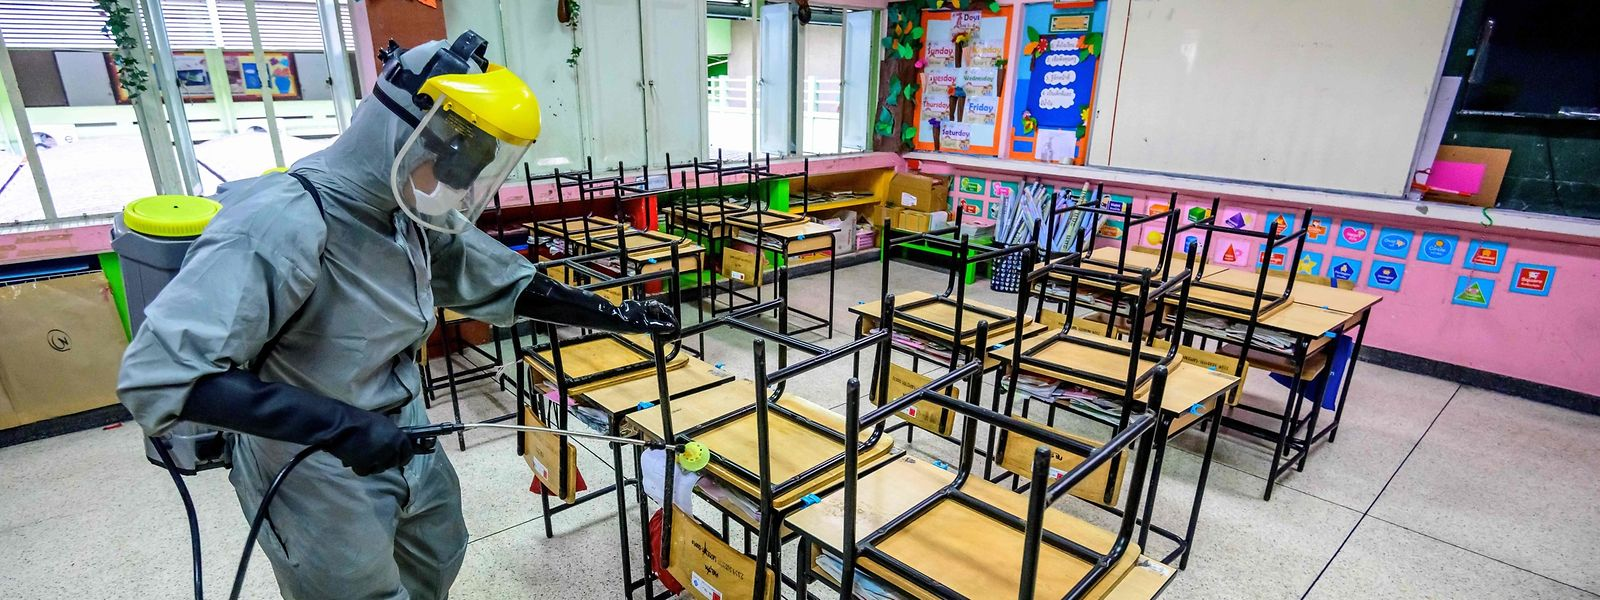 Traitement radical dans les écoles de Taïwan.On n'en est pas encore là dans les classes du Luxembourg.